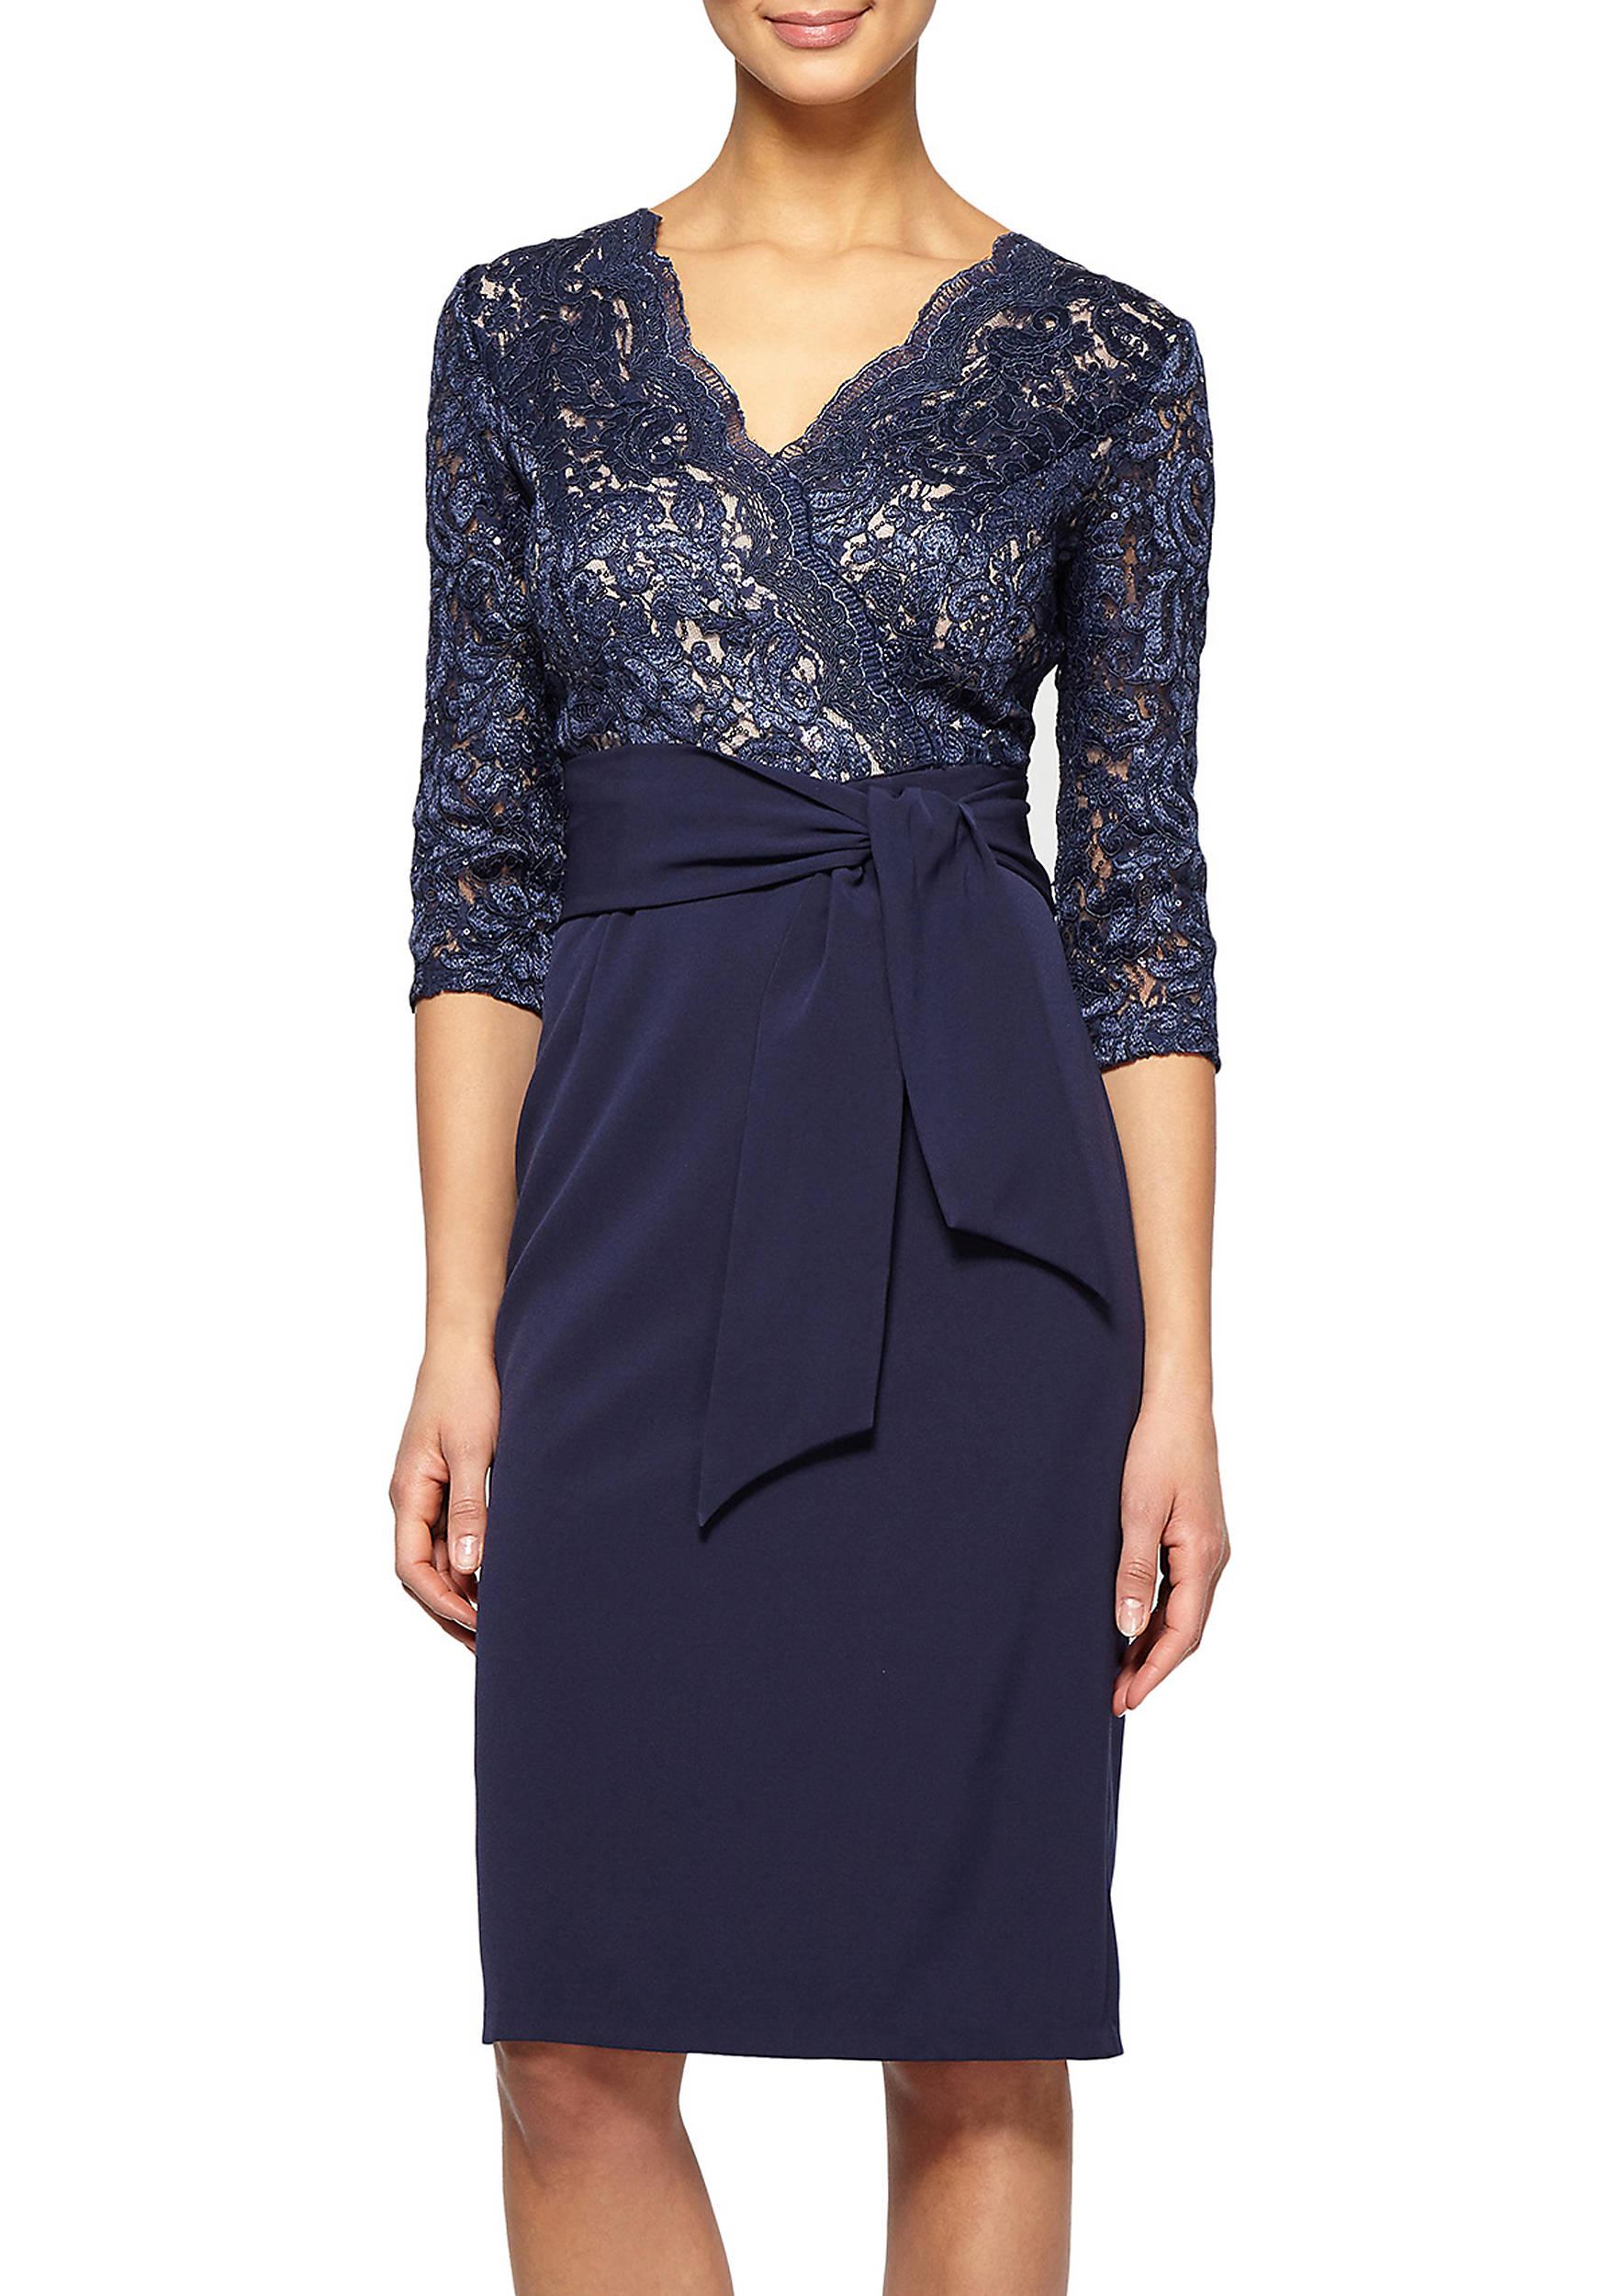 Alex Evenings Metallic Lace Bodice Cocktail Dress   belk